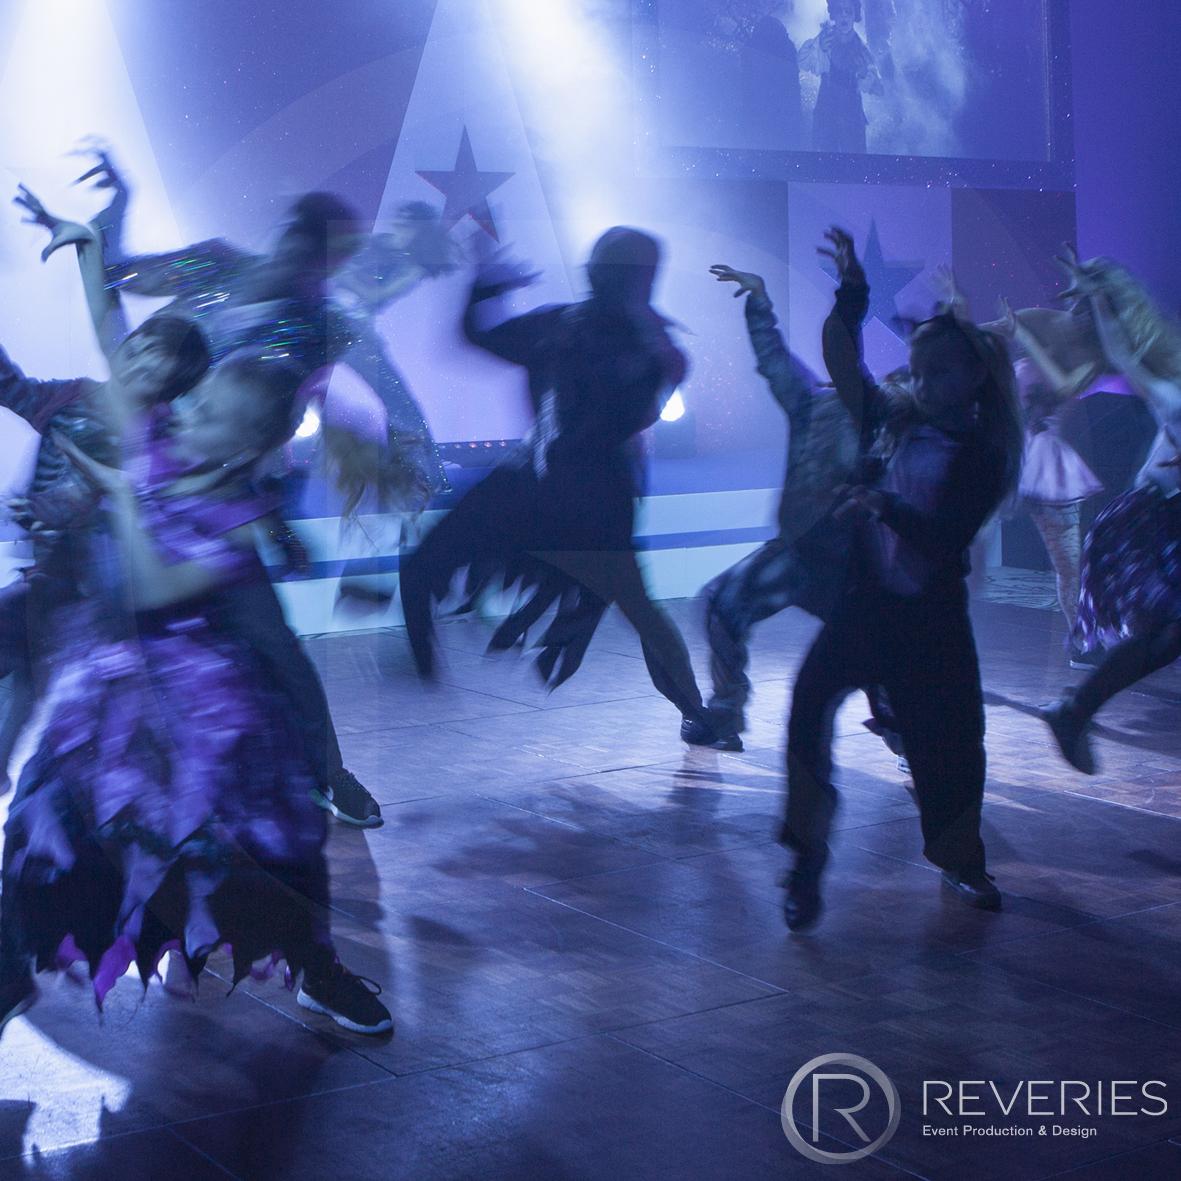 Halloween Horror Show - Dancers